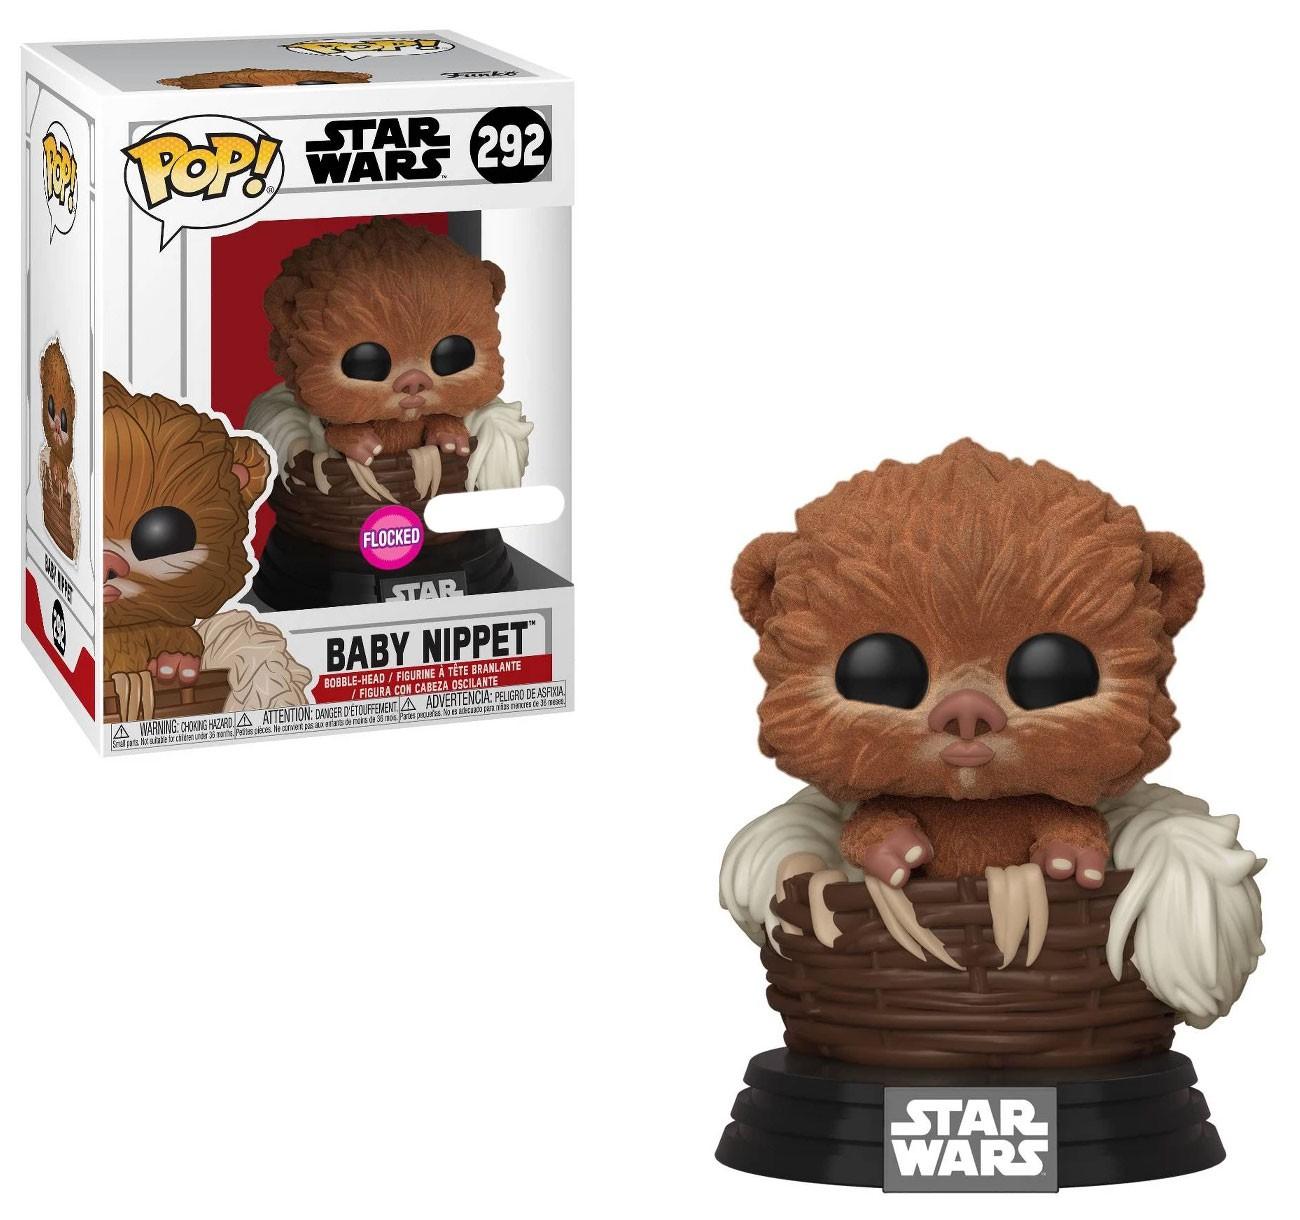 ROTJ Baby Nippet Flocked Funko Pop! Bobble Head Toy